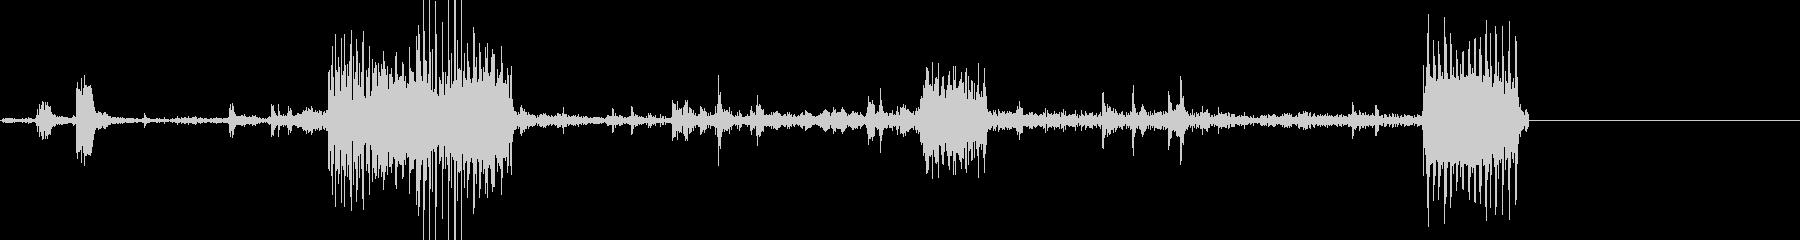 インディカー、ピットクルードリルタ...の未再生の波形